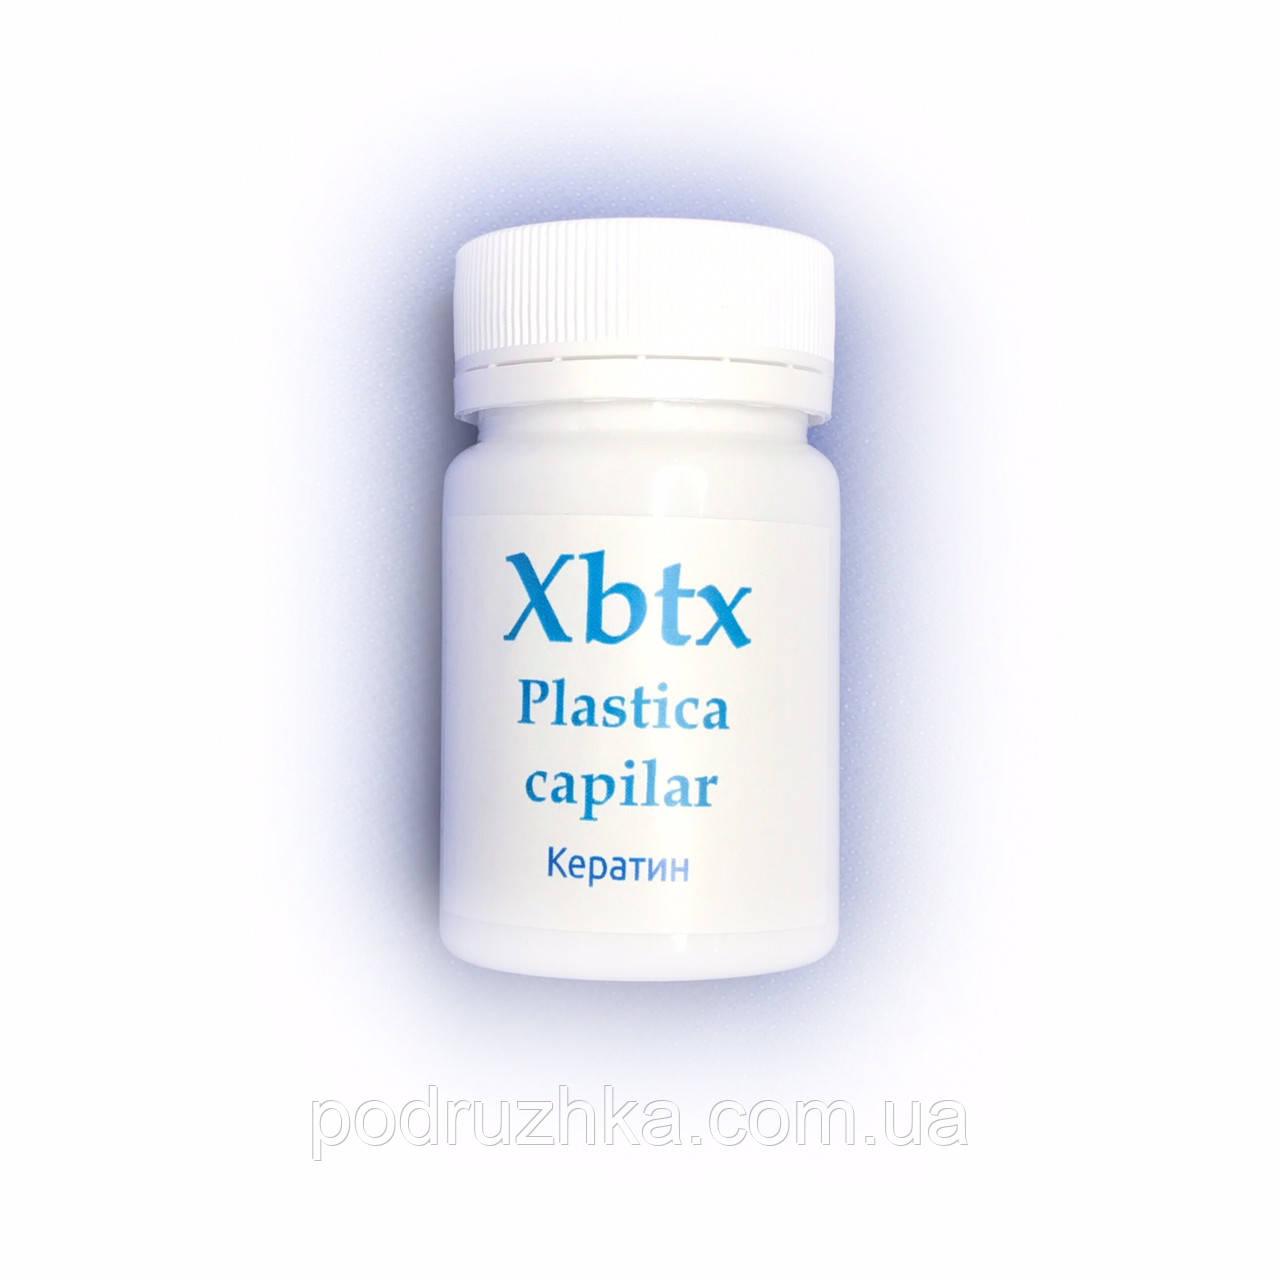 Кератин для волос XBTX Plastica capilar (шаг 2) 200 г